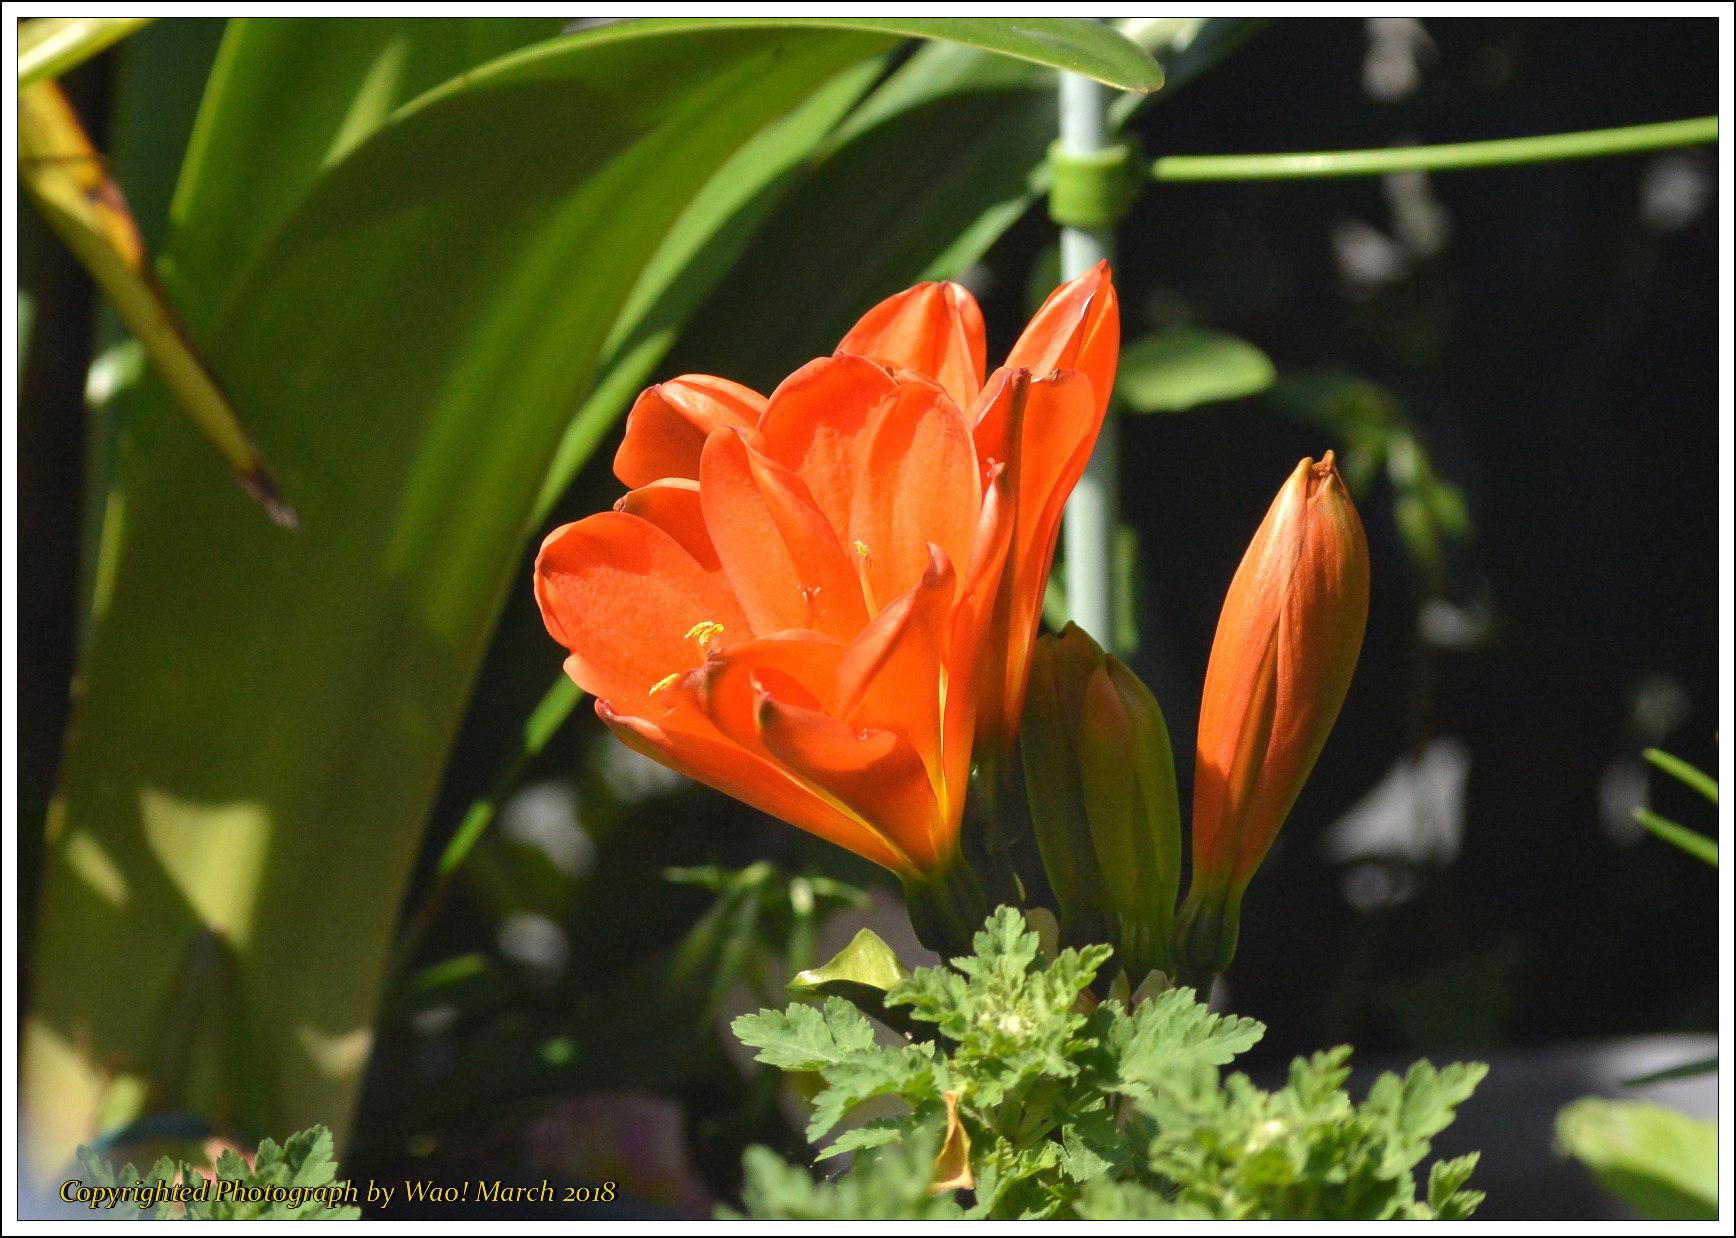 庭に咲く花 -1_c0198669_17450575.jpg